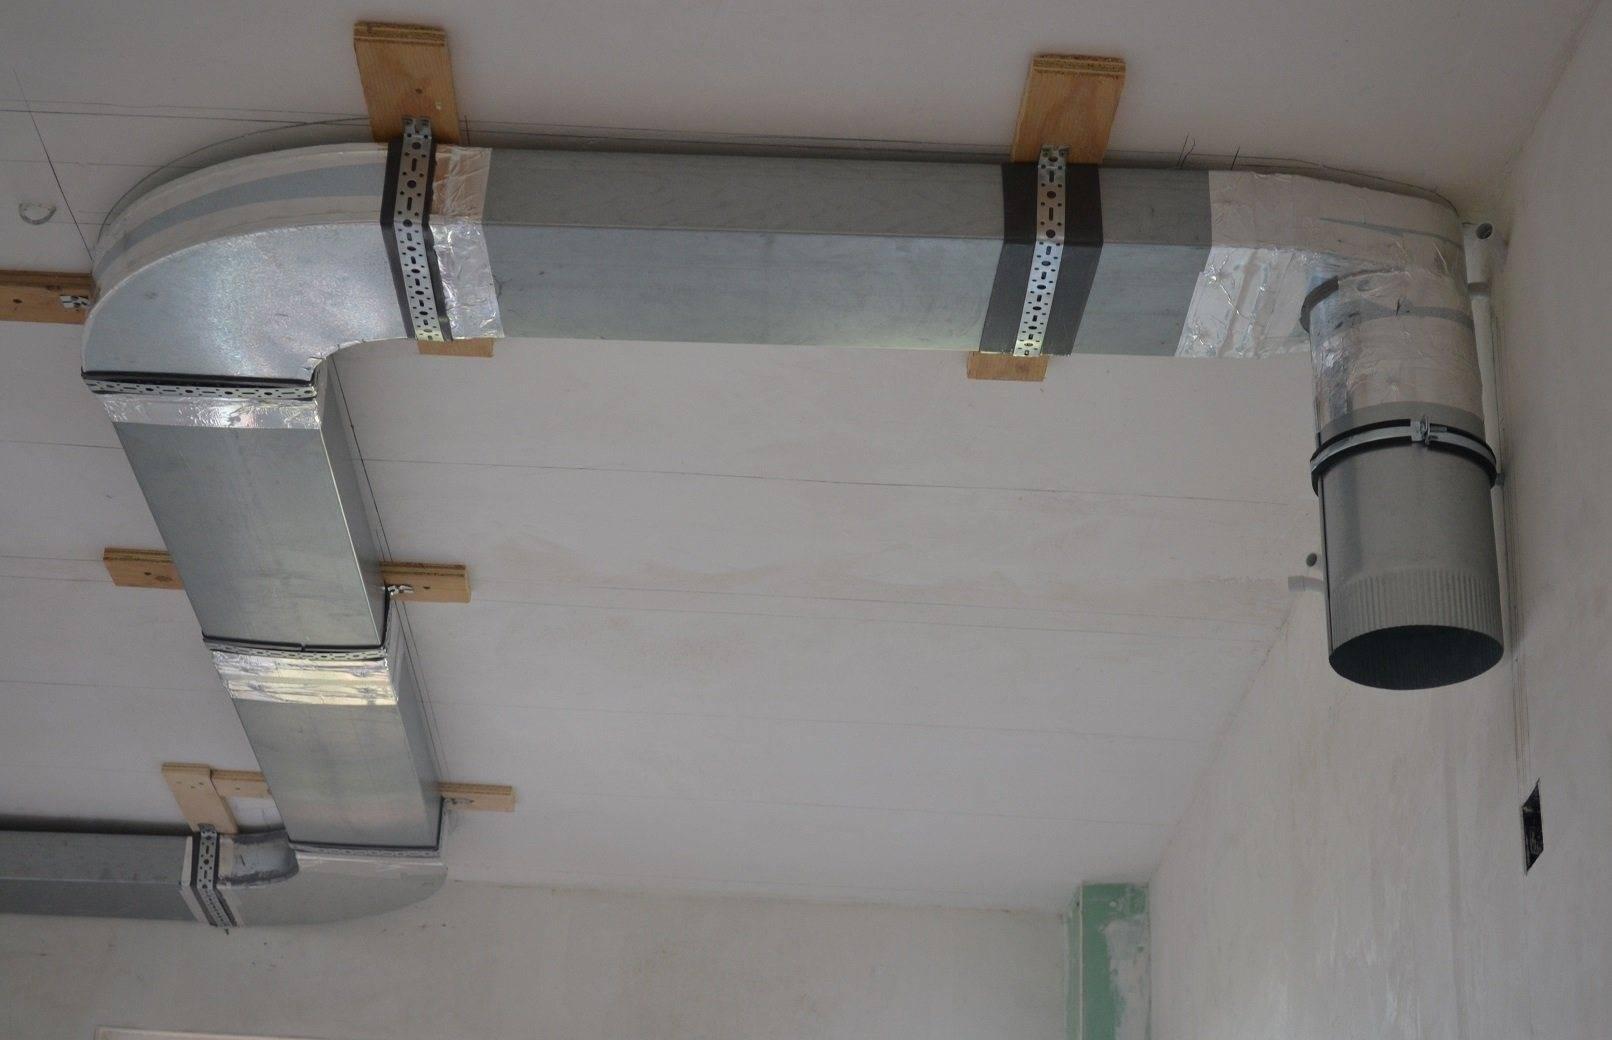 Вентиляция в натяжном потолке и вентиляционные решетки